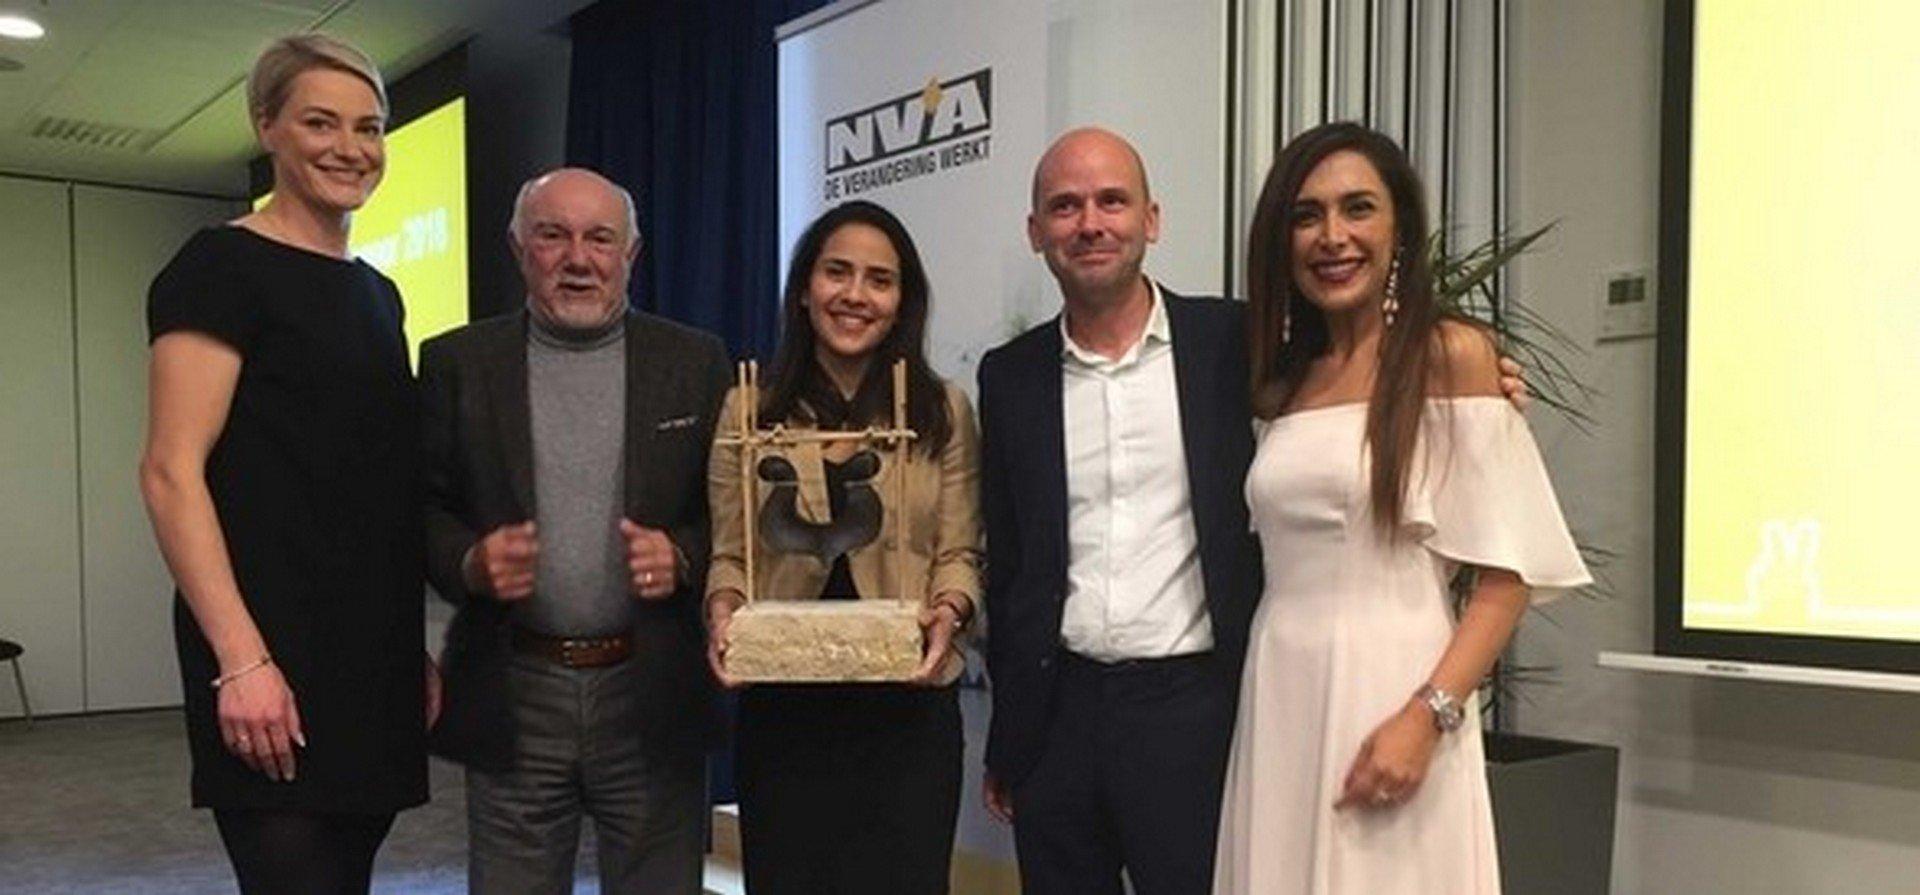 Luna Batota krijgt tiende Ebbenhouten Spoor van N-VA - De Ebbenhouten spoor 1